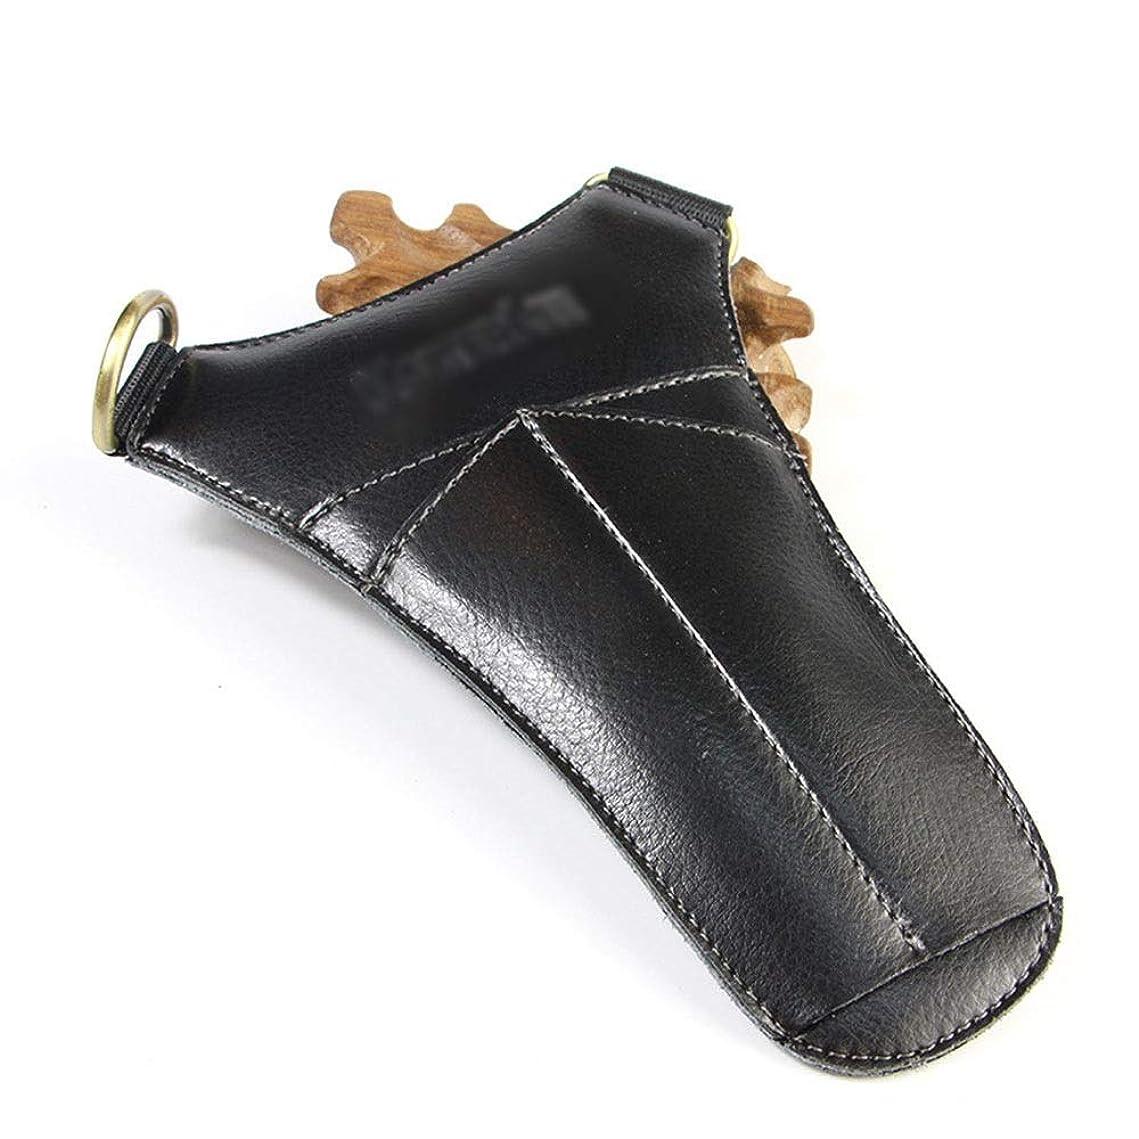 宿題電話する服を洗うJPAKIOS ヘアスタイリストホルスターポーチ理髪はさみポケット2はさみ三角形PUキット (色 : 黒)